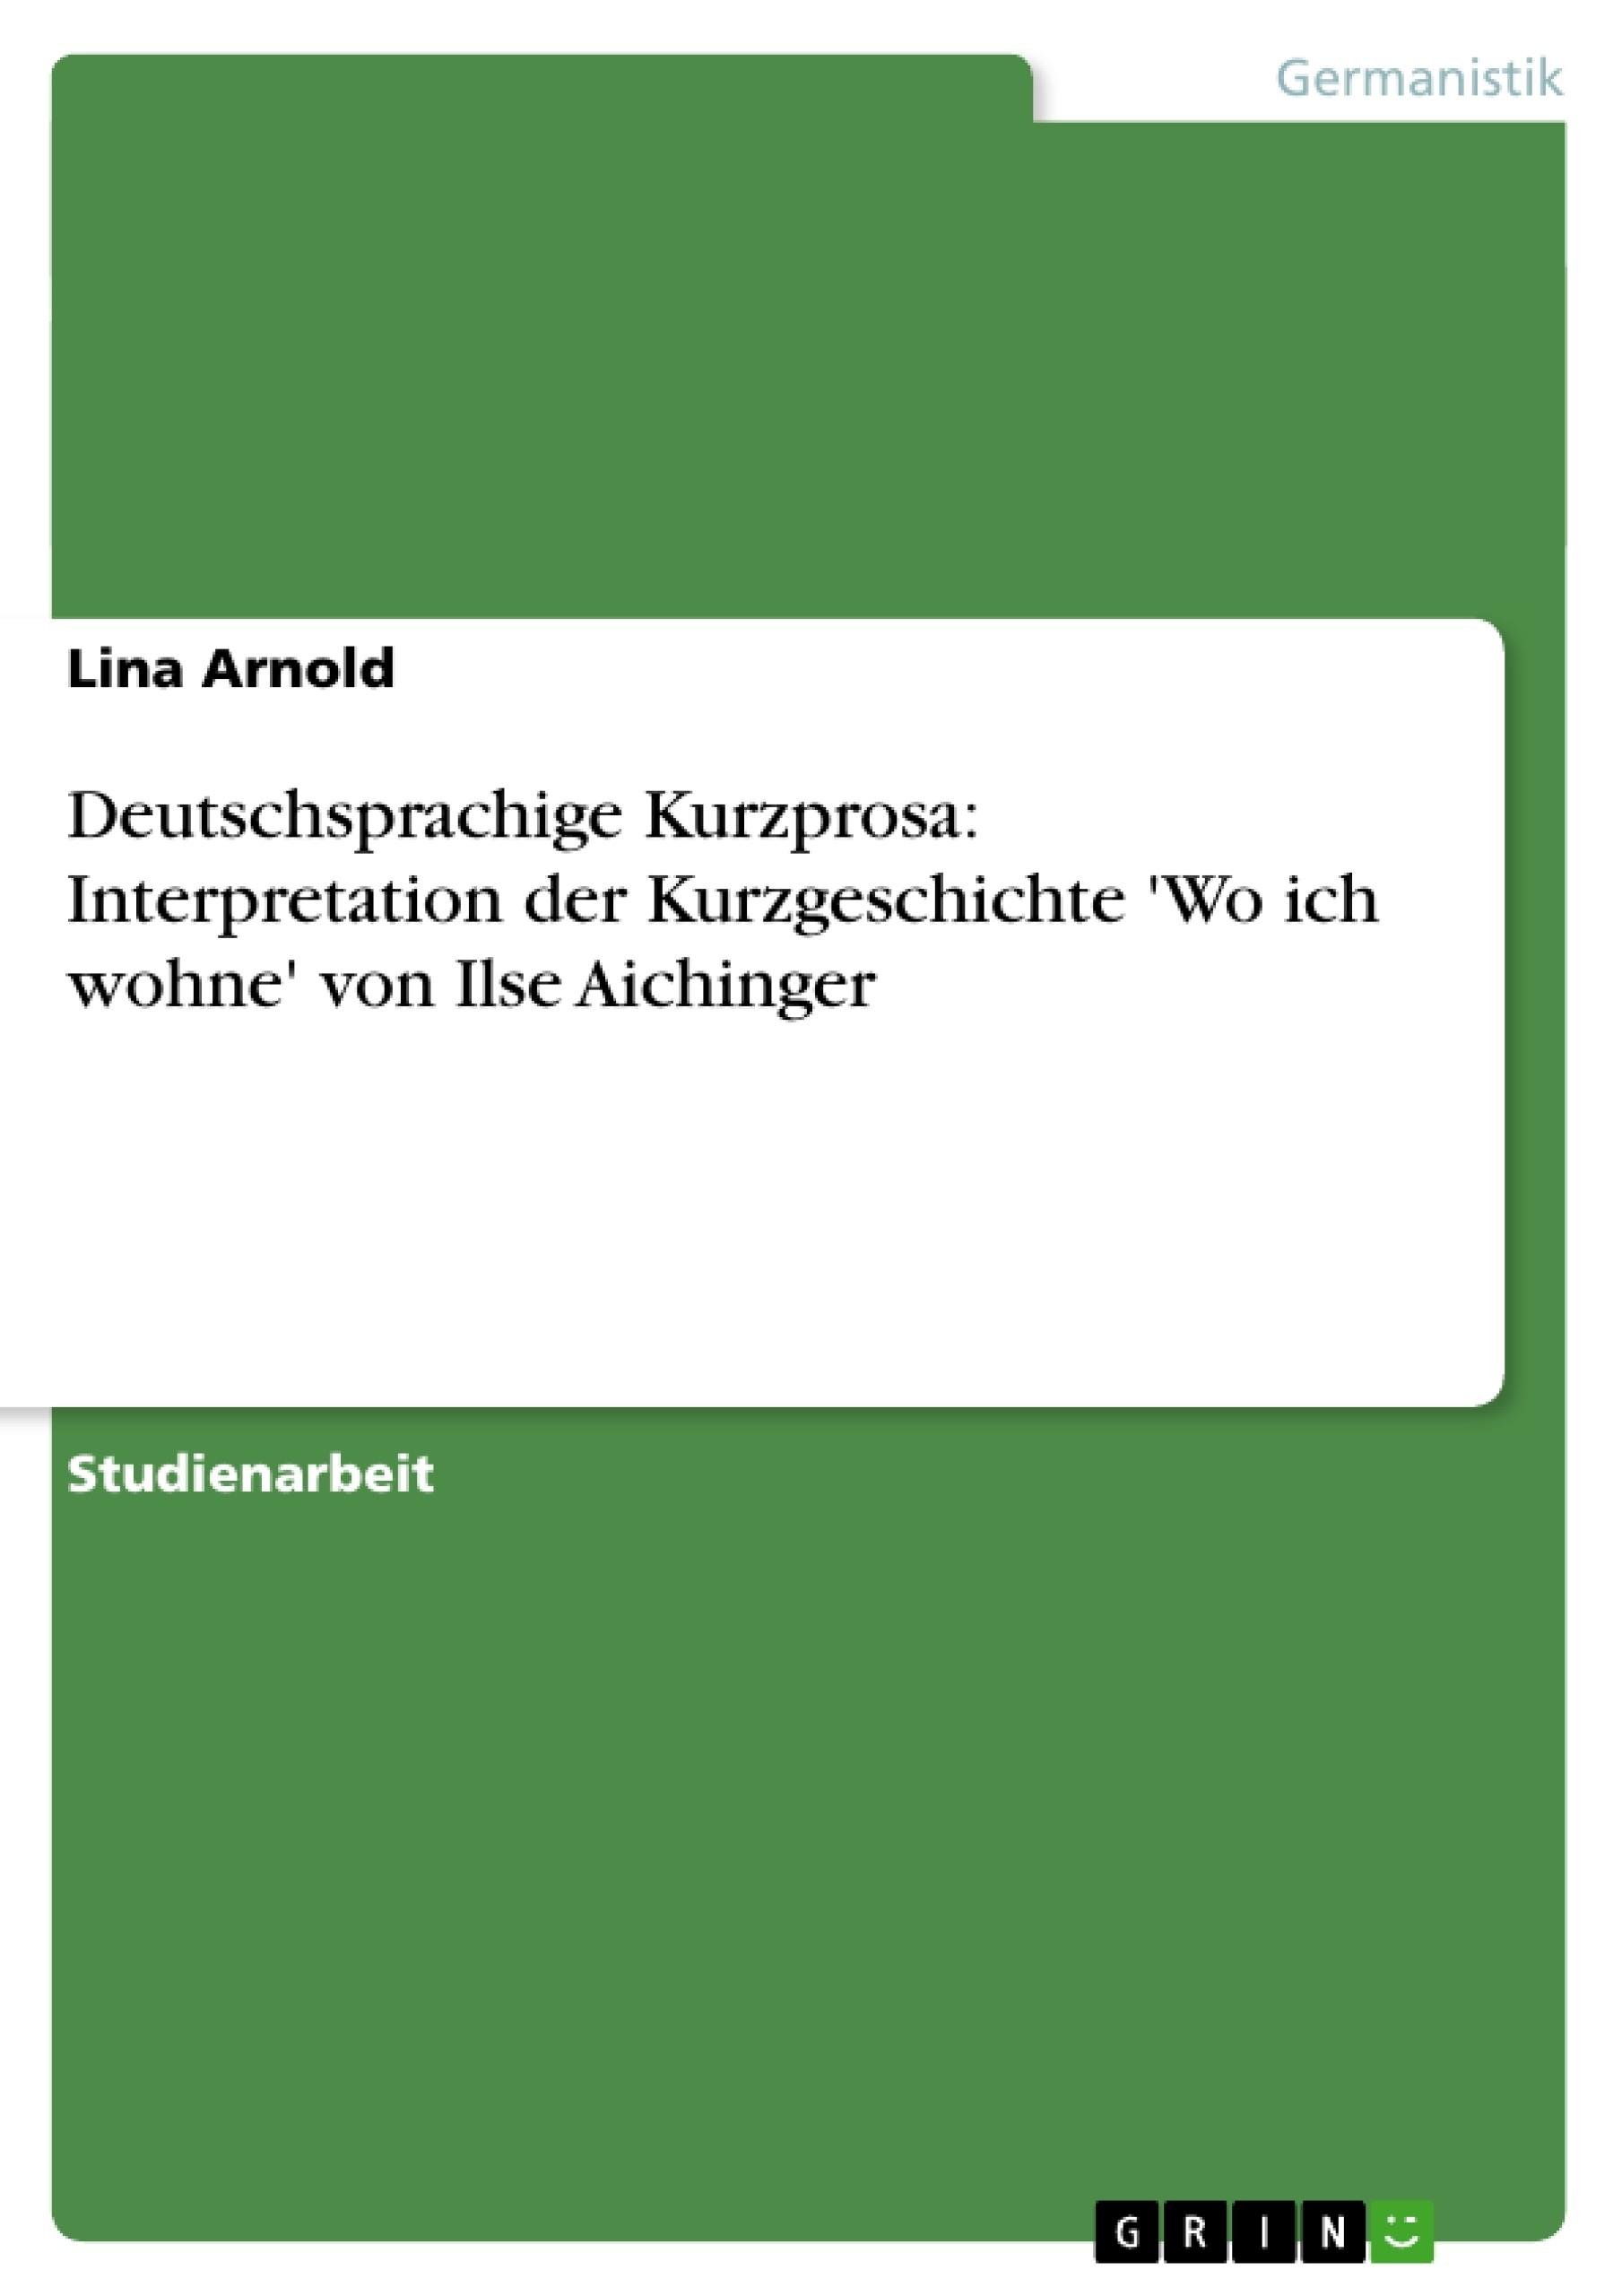 Titel: Deutschsprachige Kurzprosa: Interpretation der Kurzgeschichte 'Wo ich wohne' von Ilse Aichinger